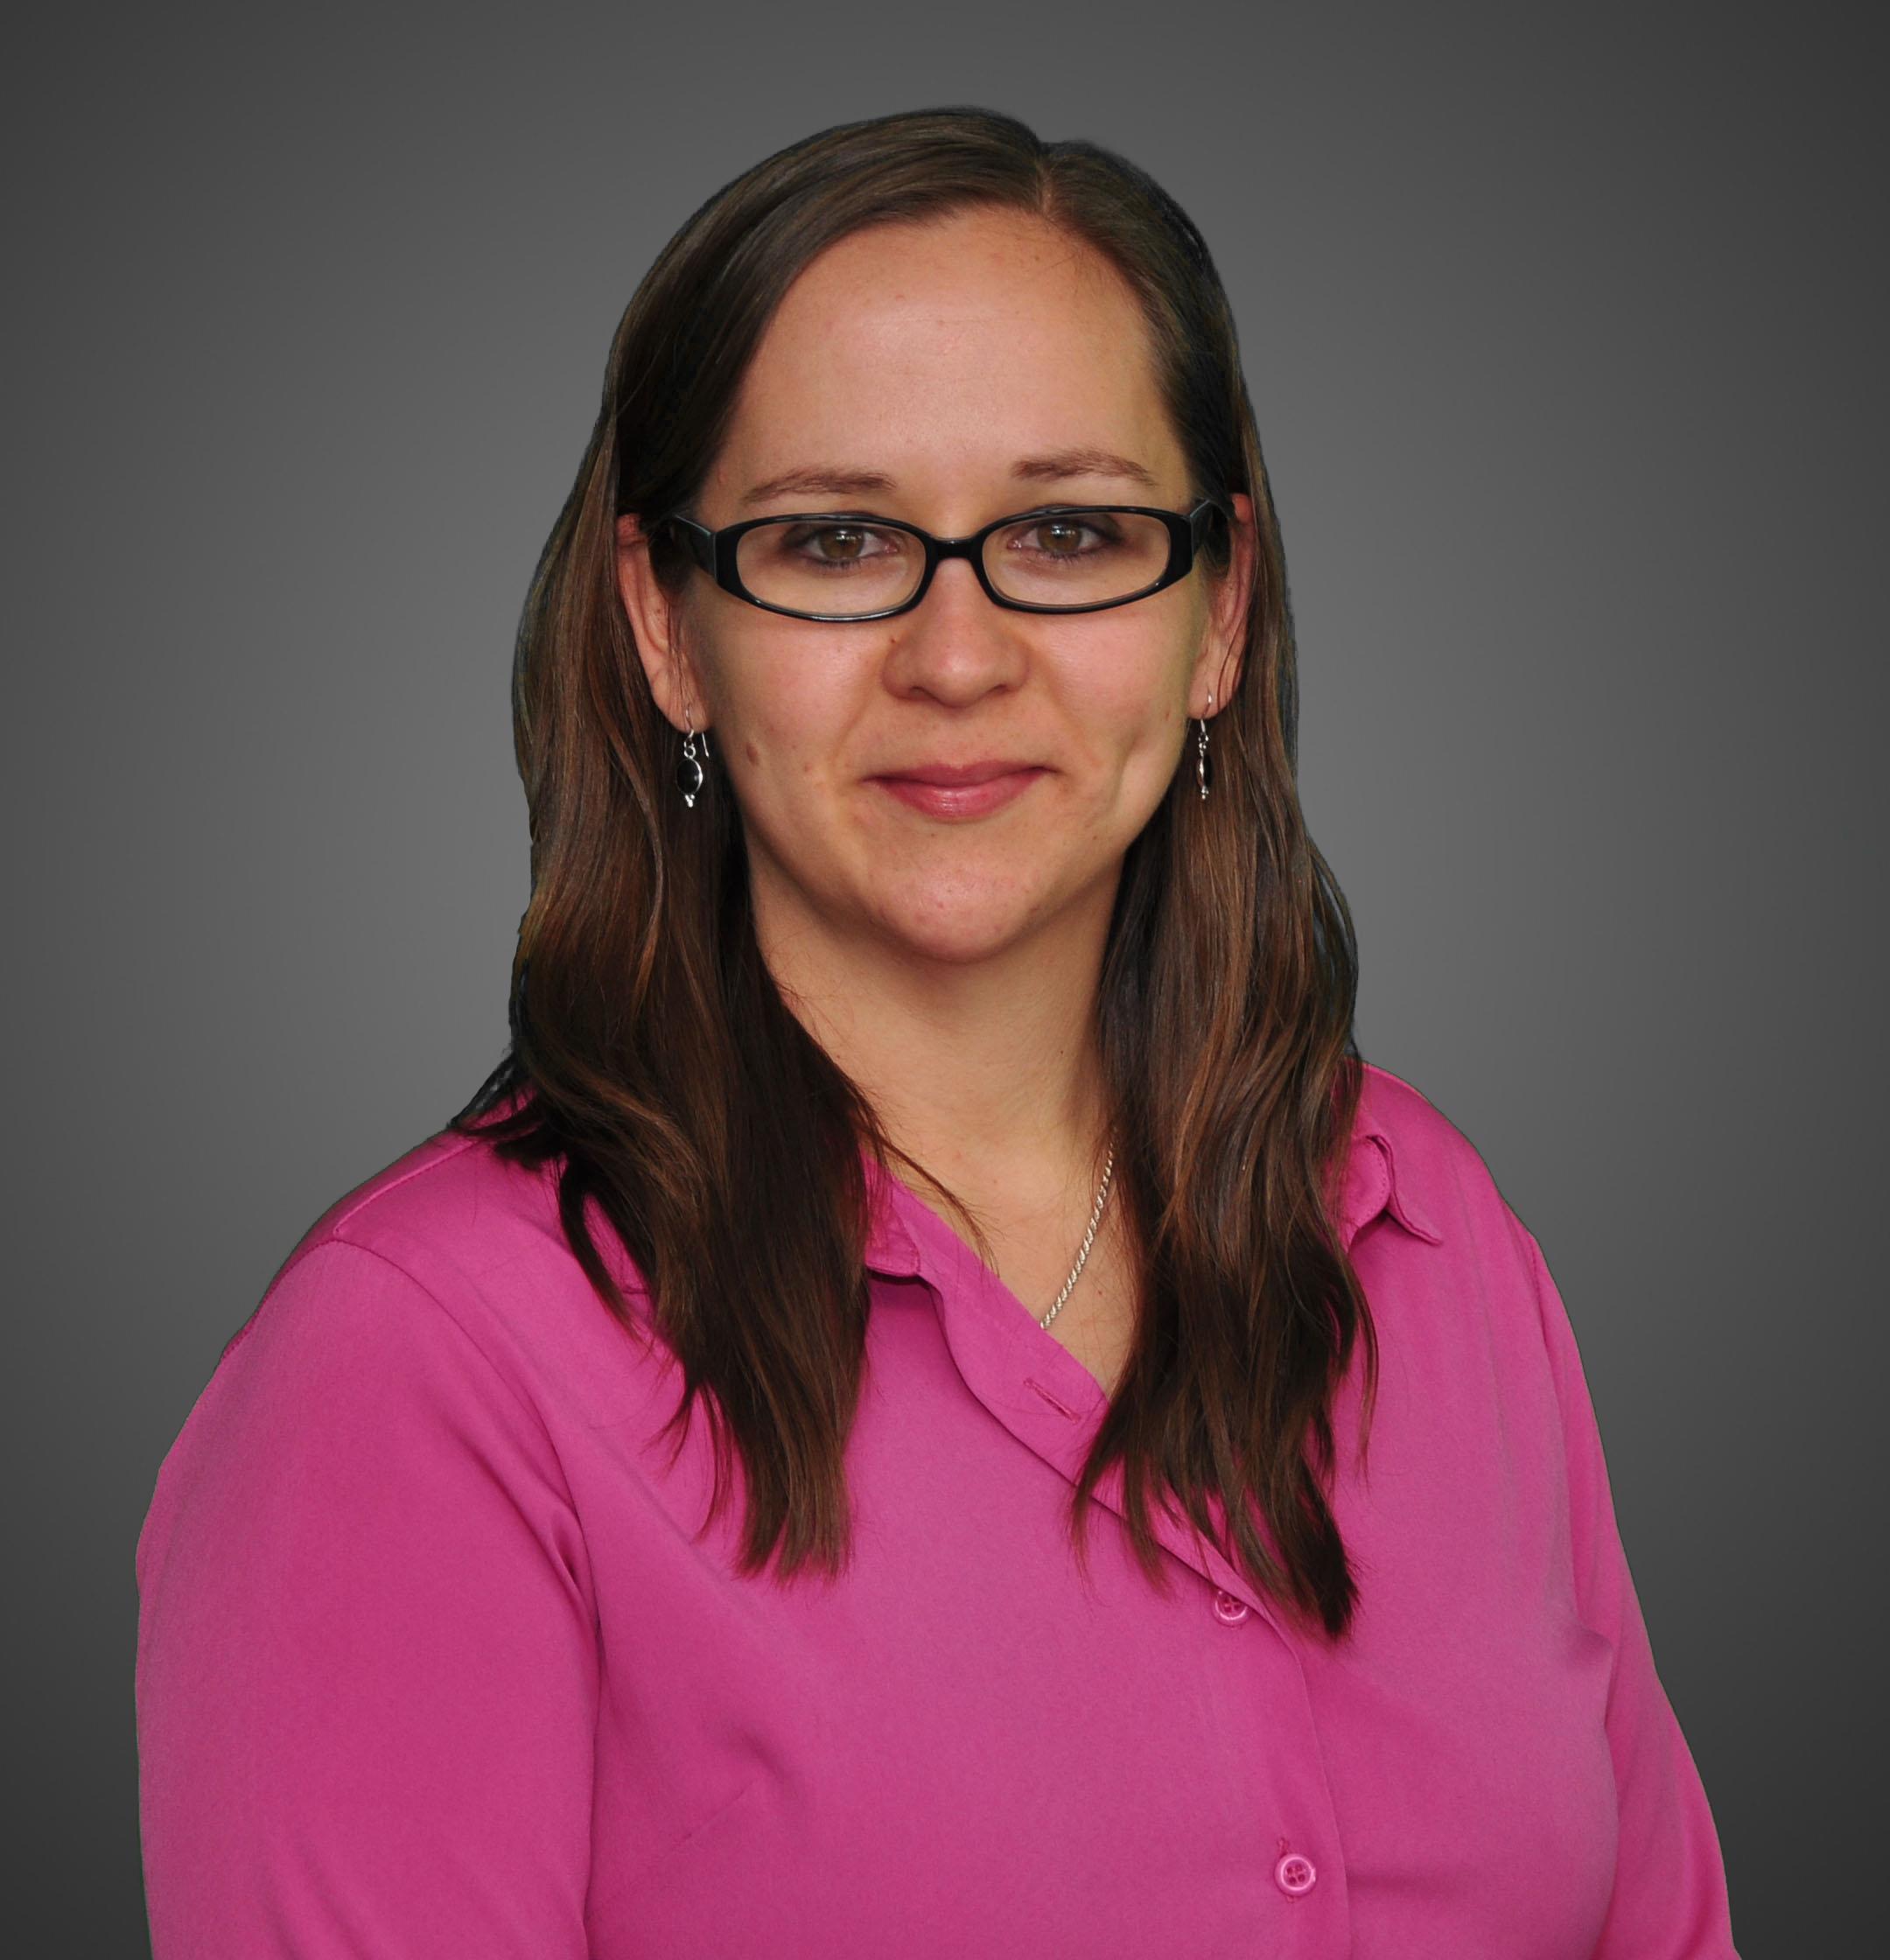 Karen Budgell